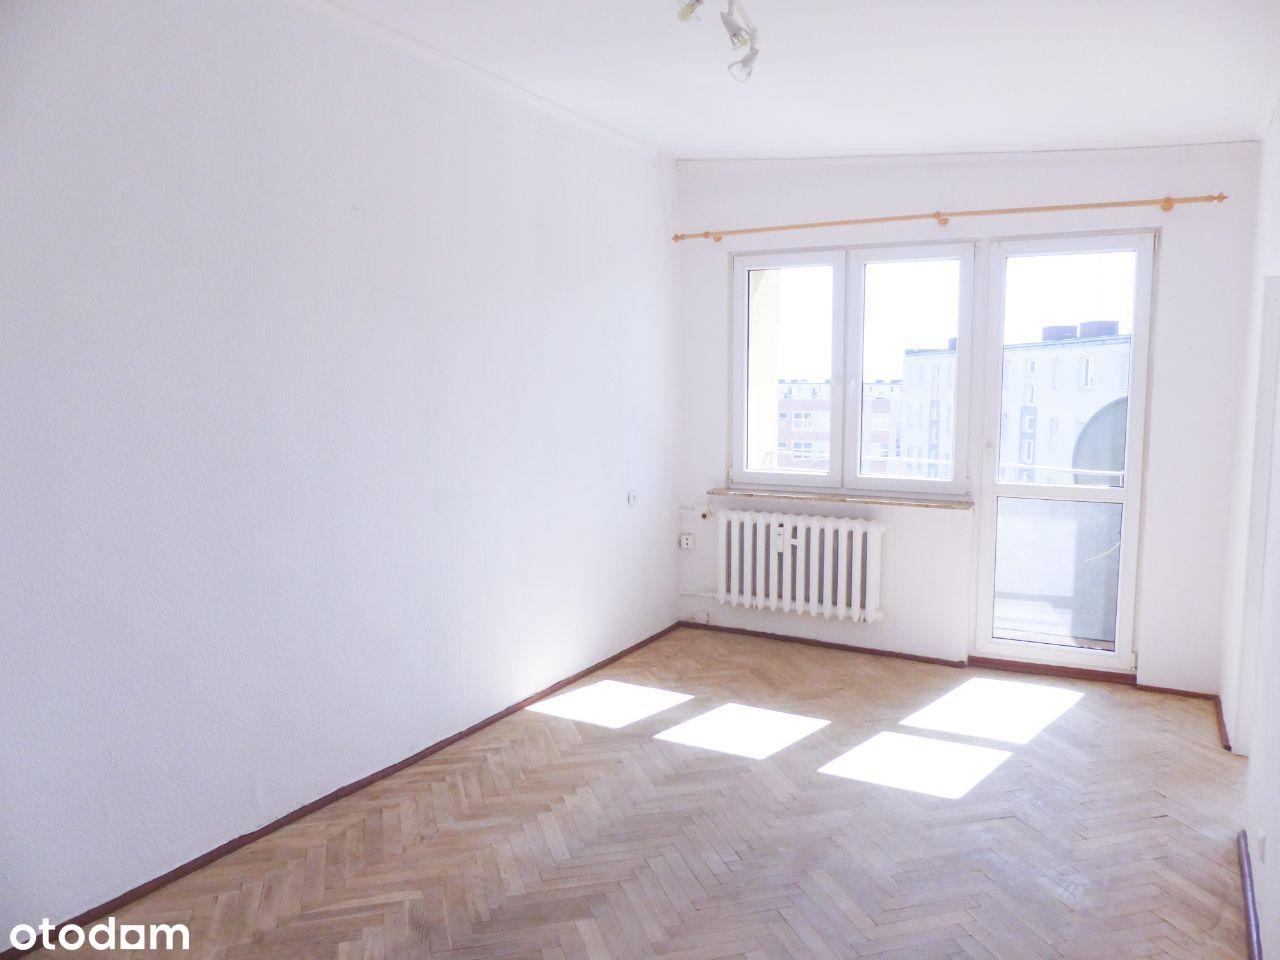 Mieszkanie z opcją zakupu garażu, Kaszuby